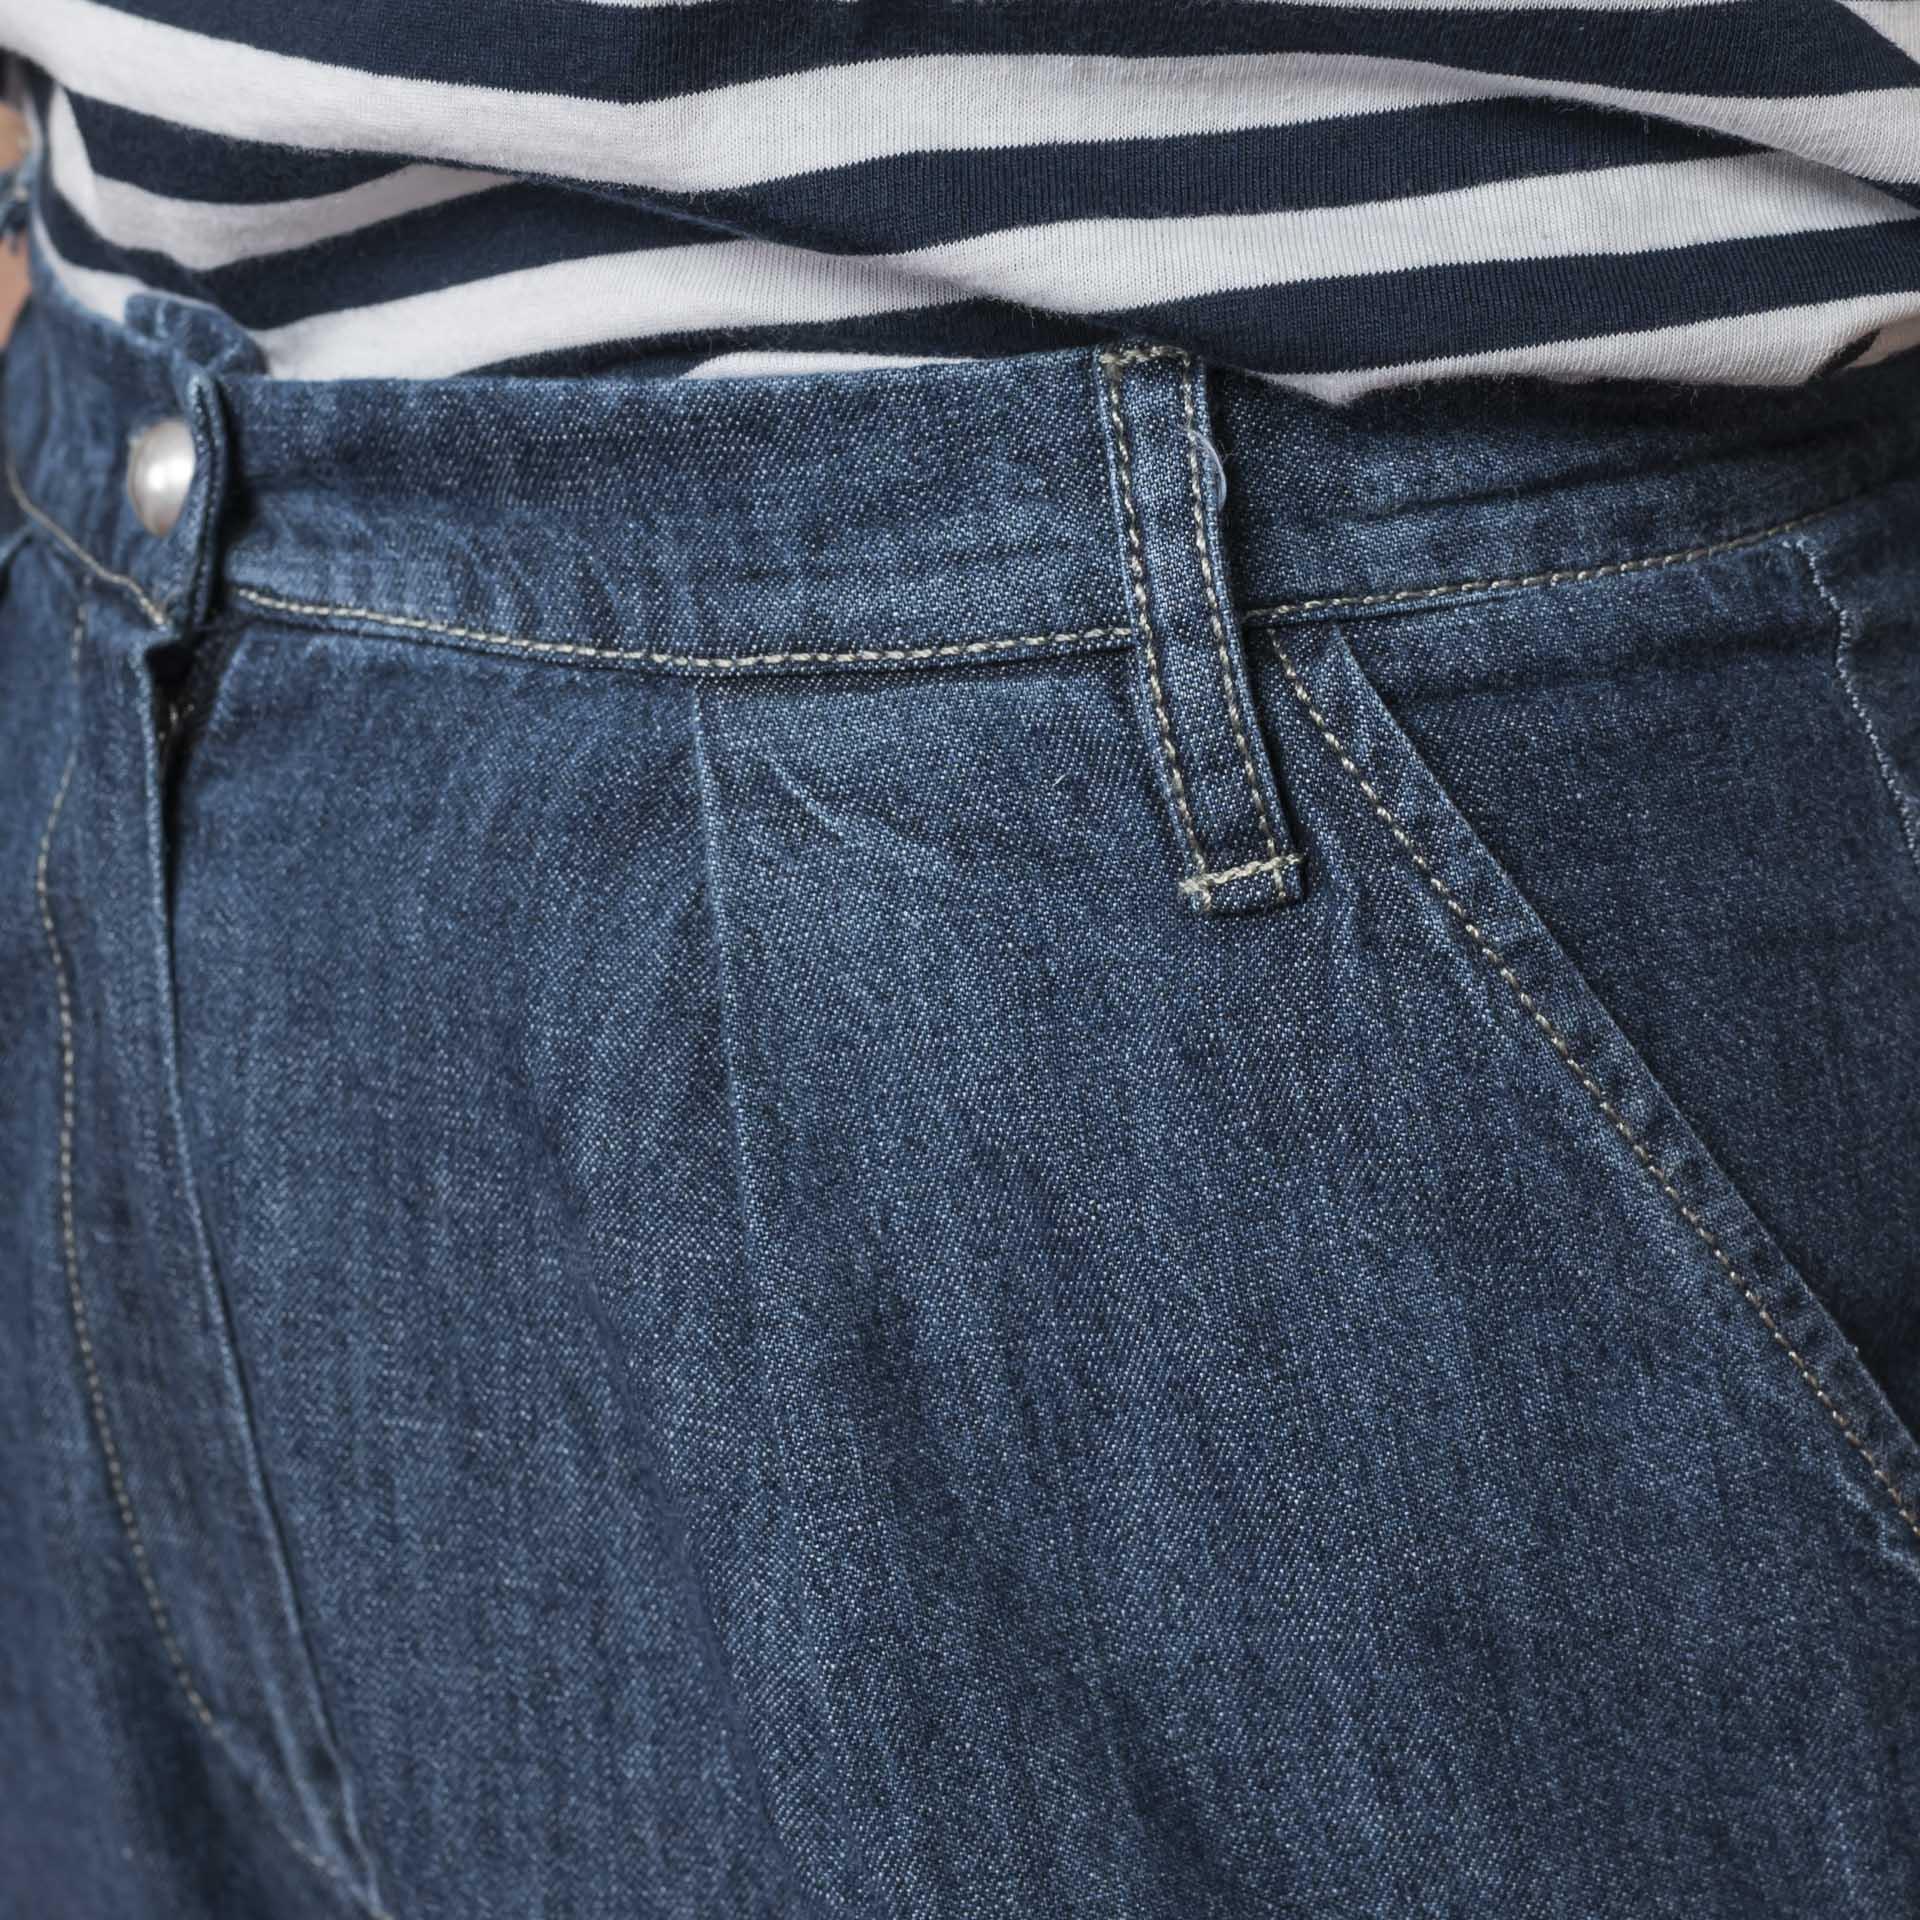 Progetton Quid jeans palazzo (2)